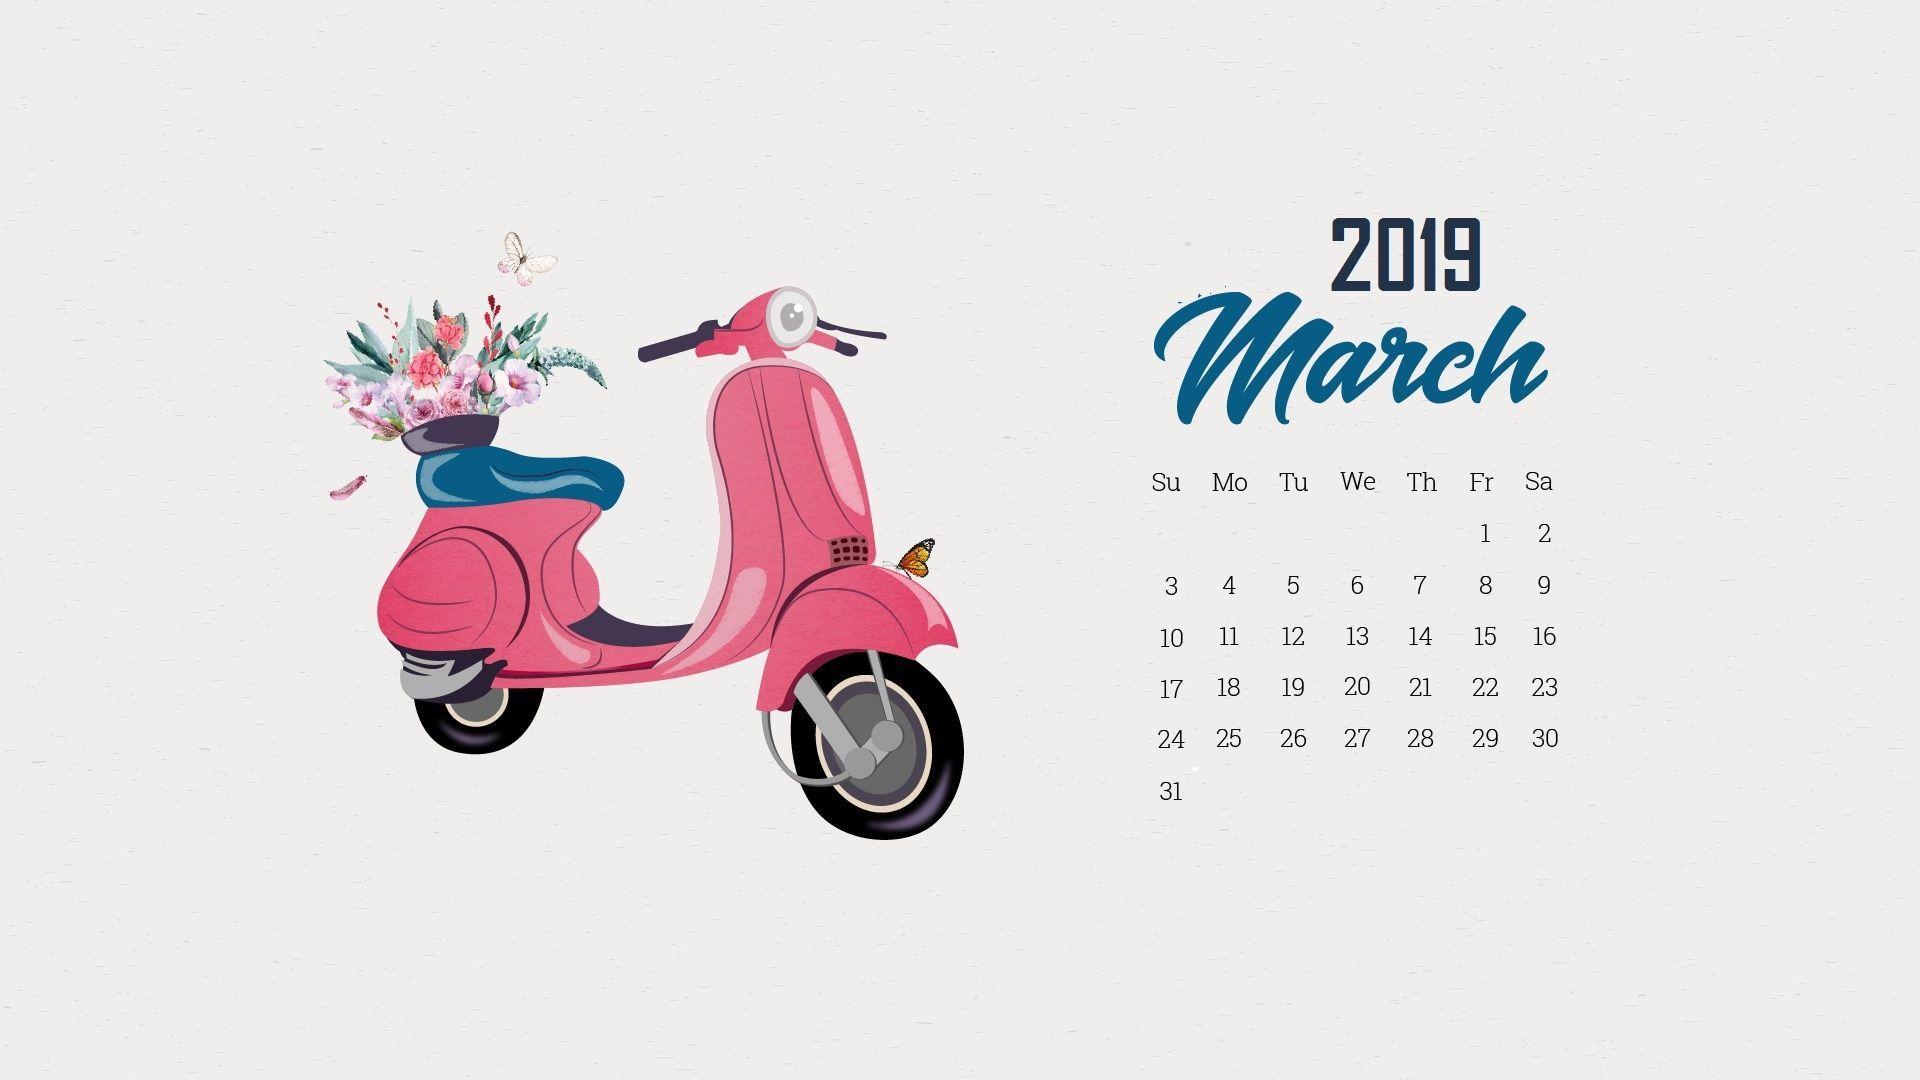 march 2019 calendar wallpaper iphone